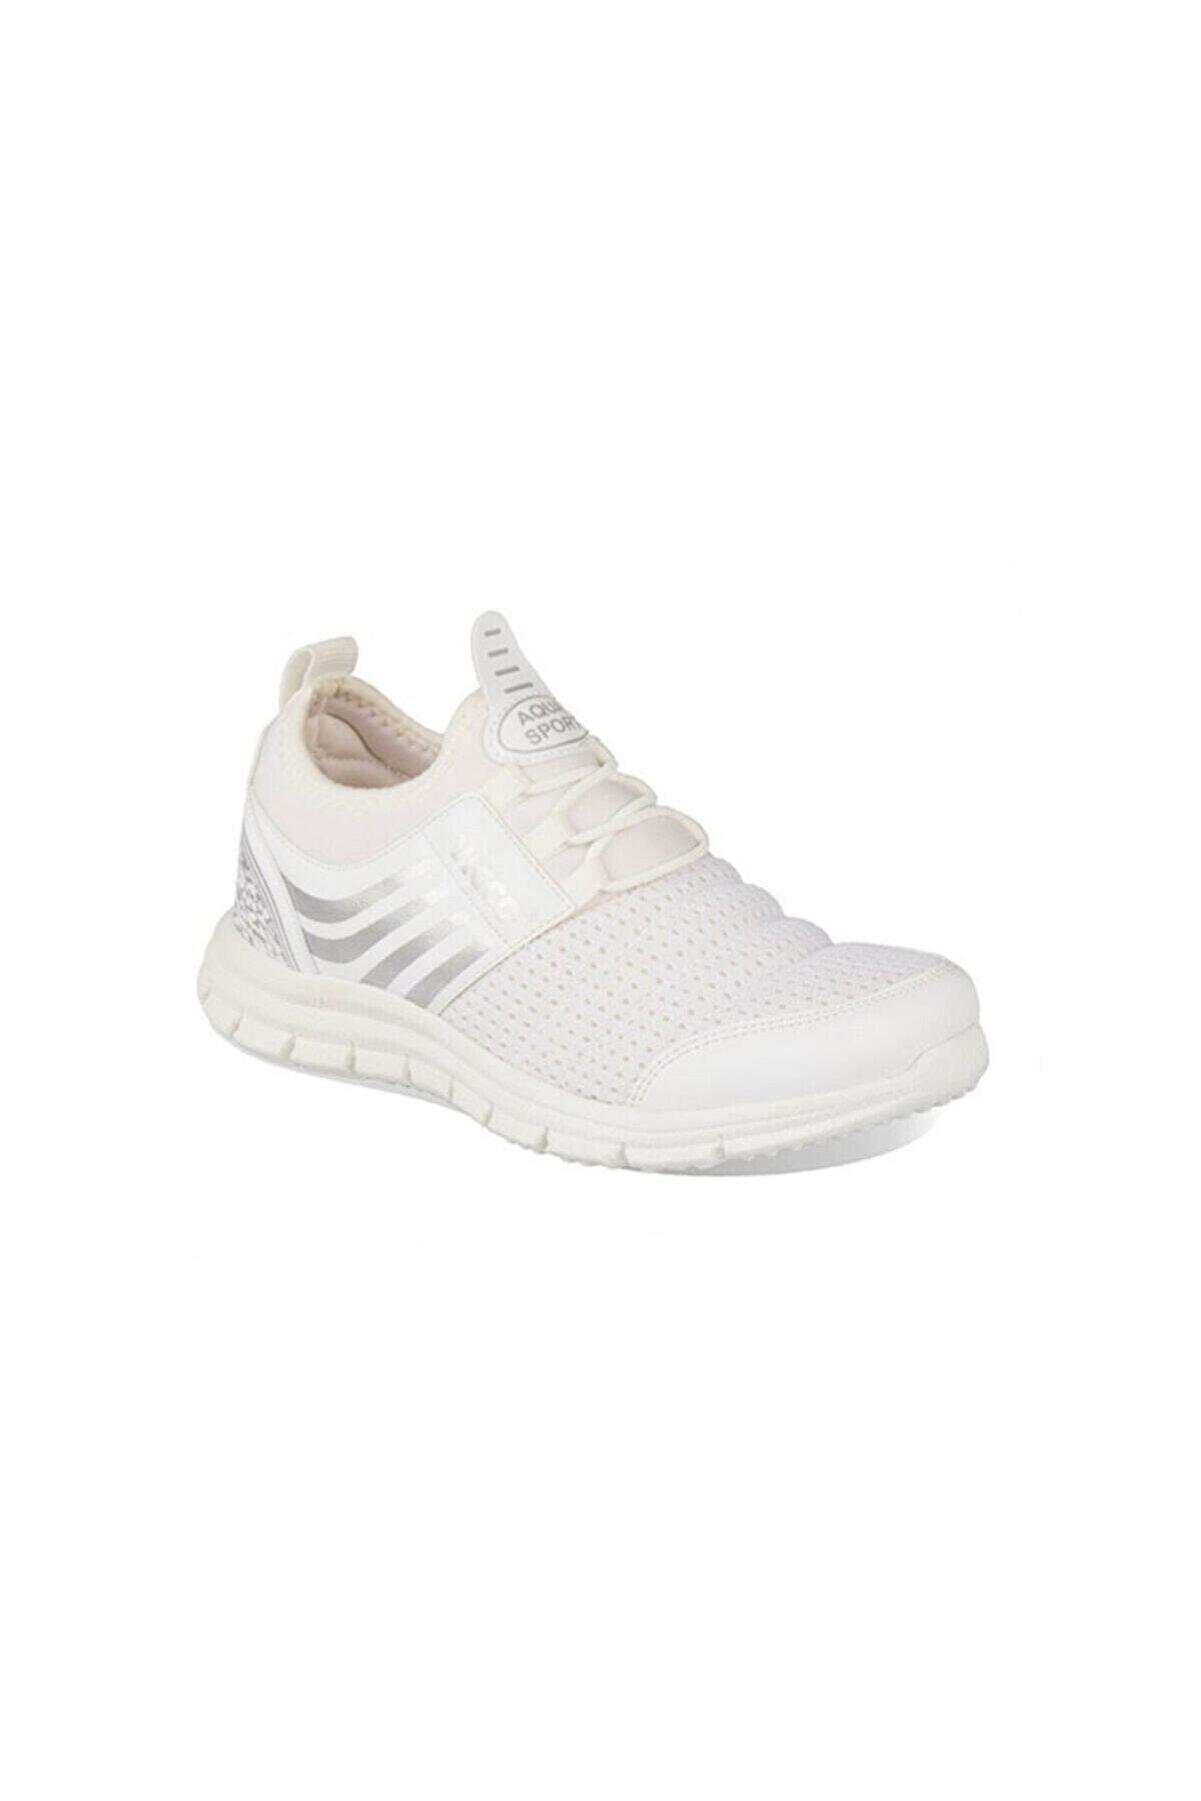 Vicco Aqua Spor Ayakkabı Beyaz